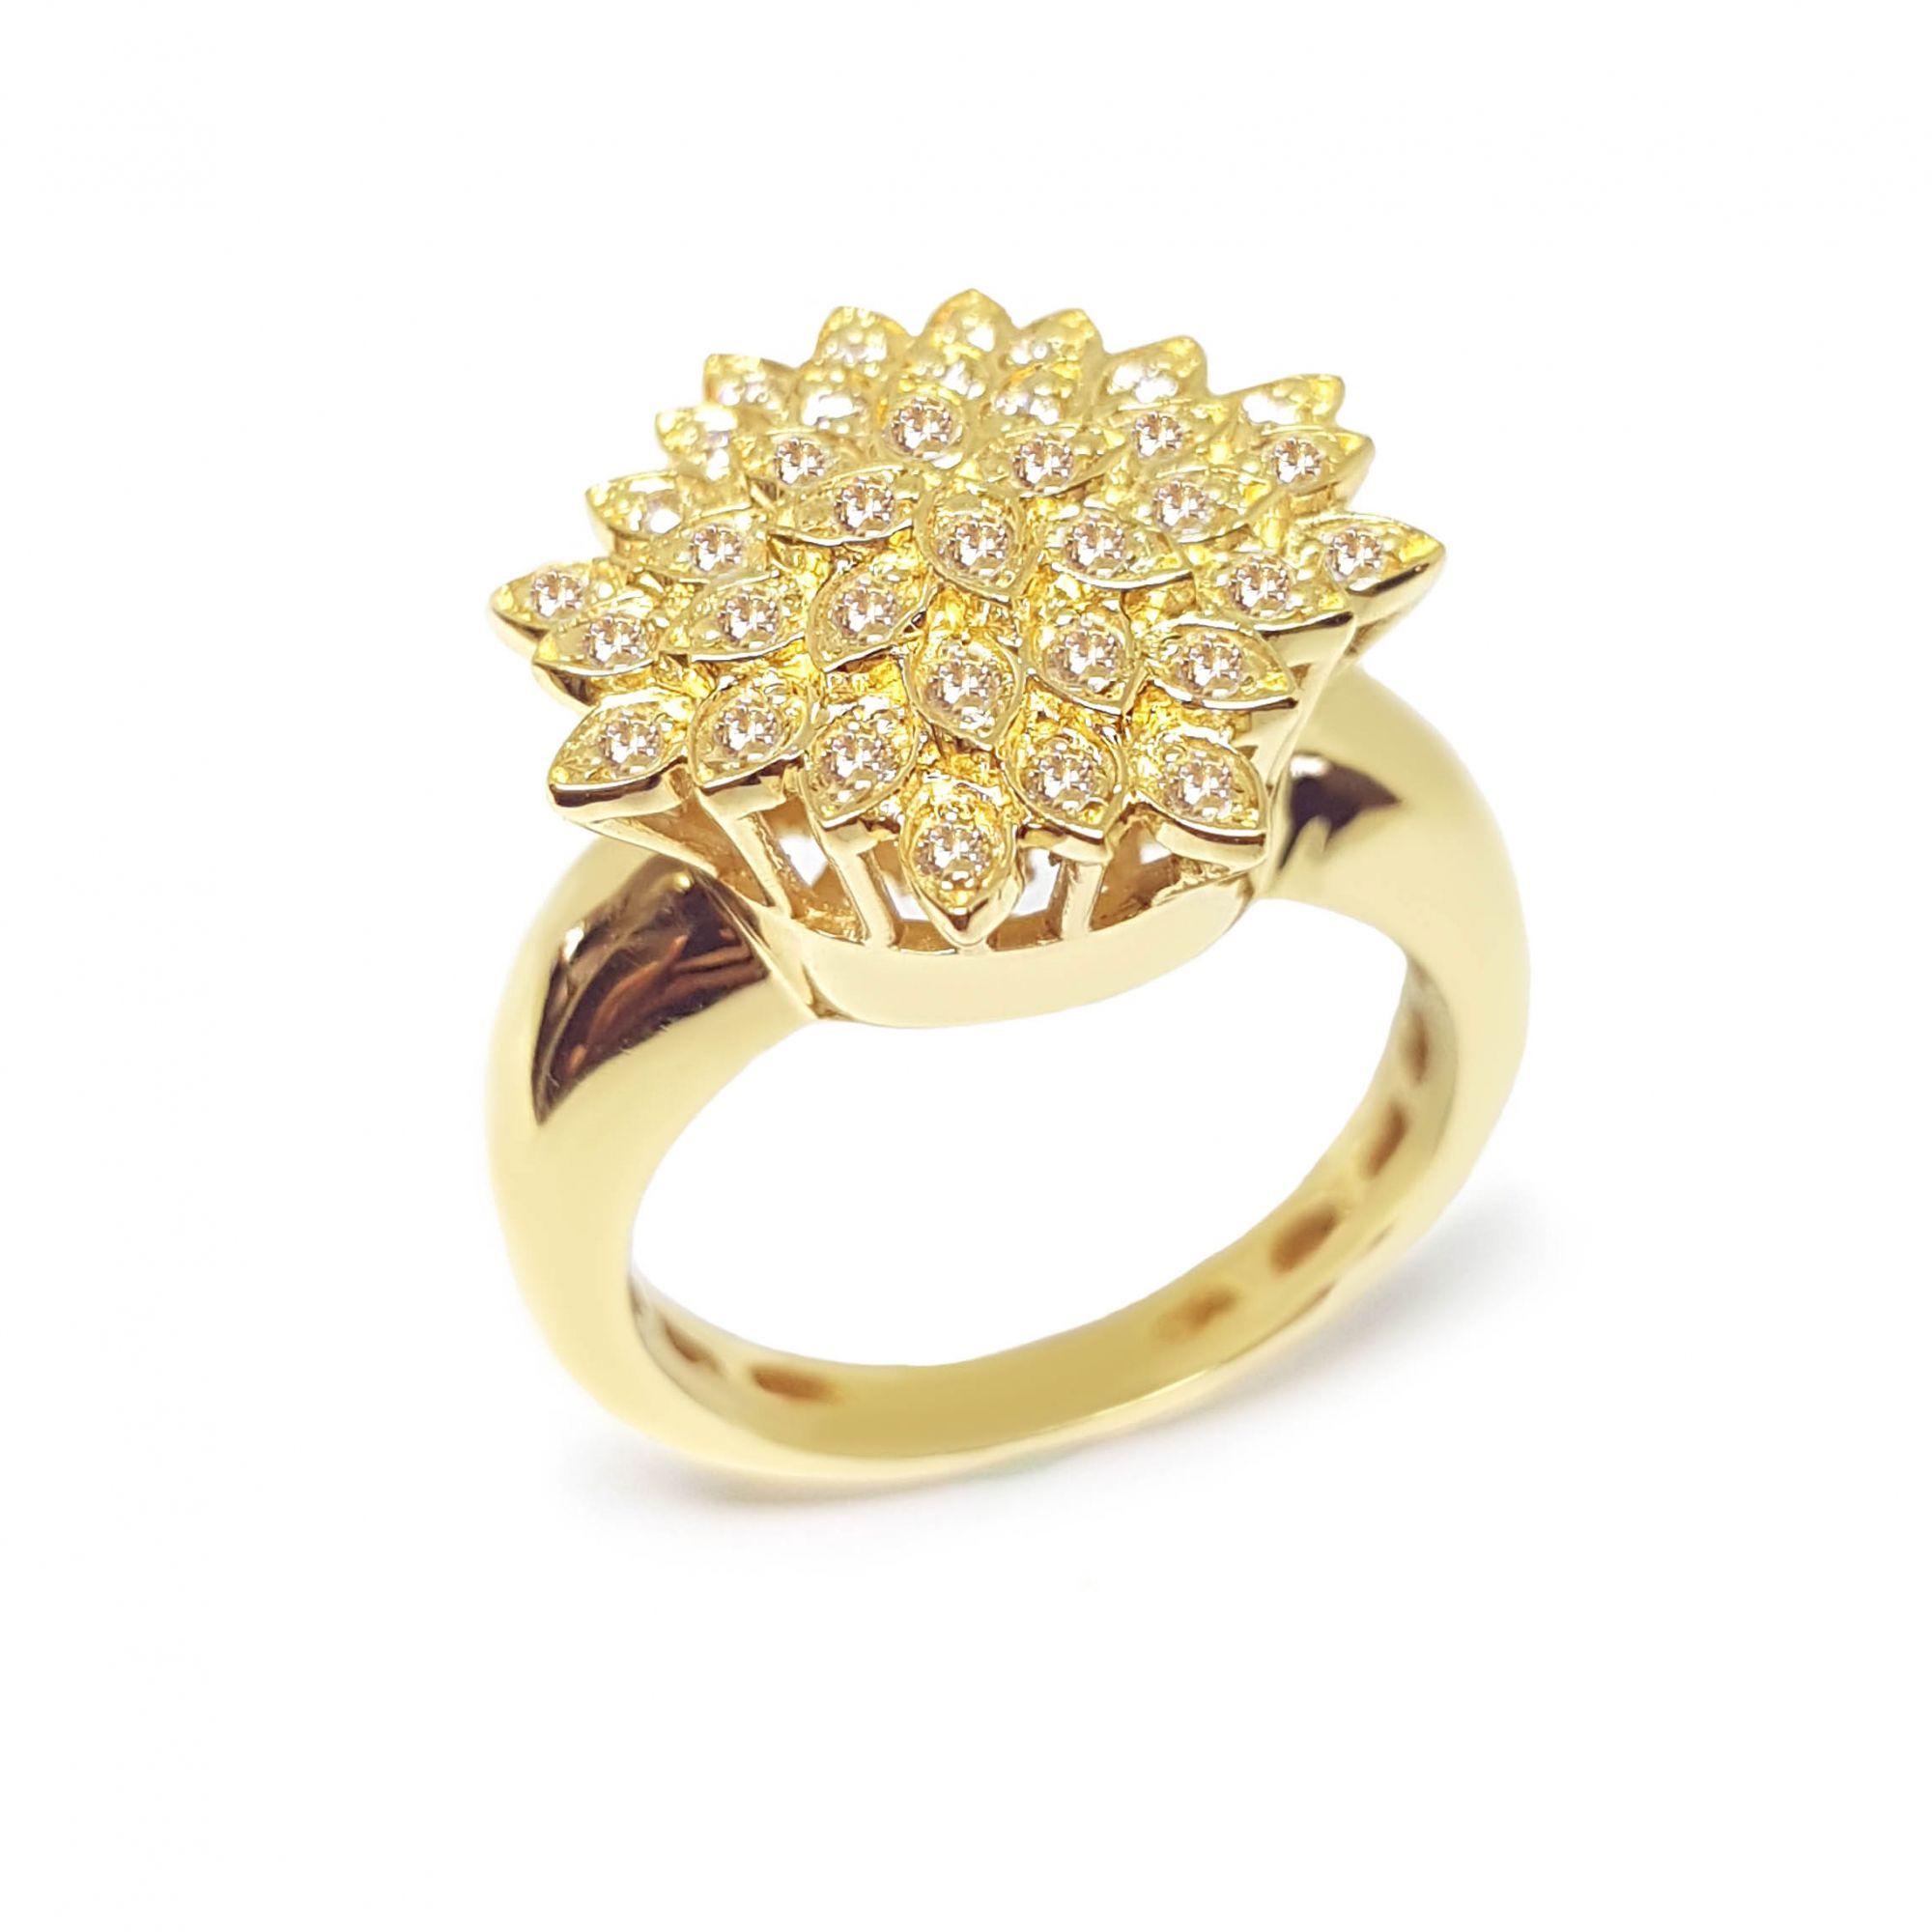 e80ece4052ac7 Anel Chuveiro Flor Ouro 18k com Diamantes - YVES